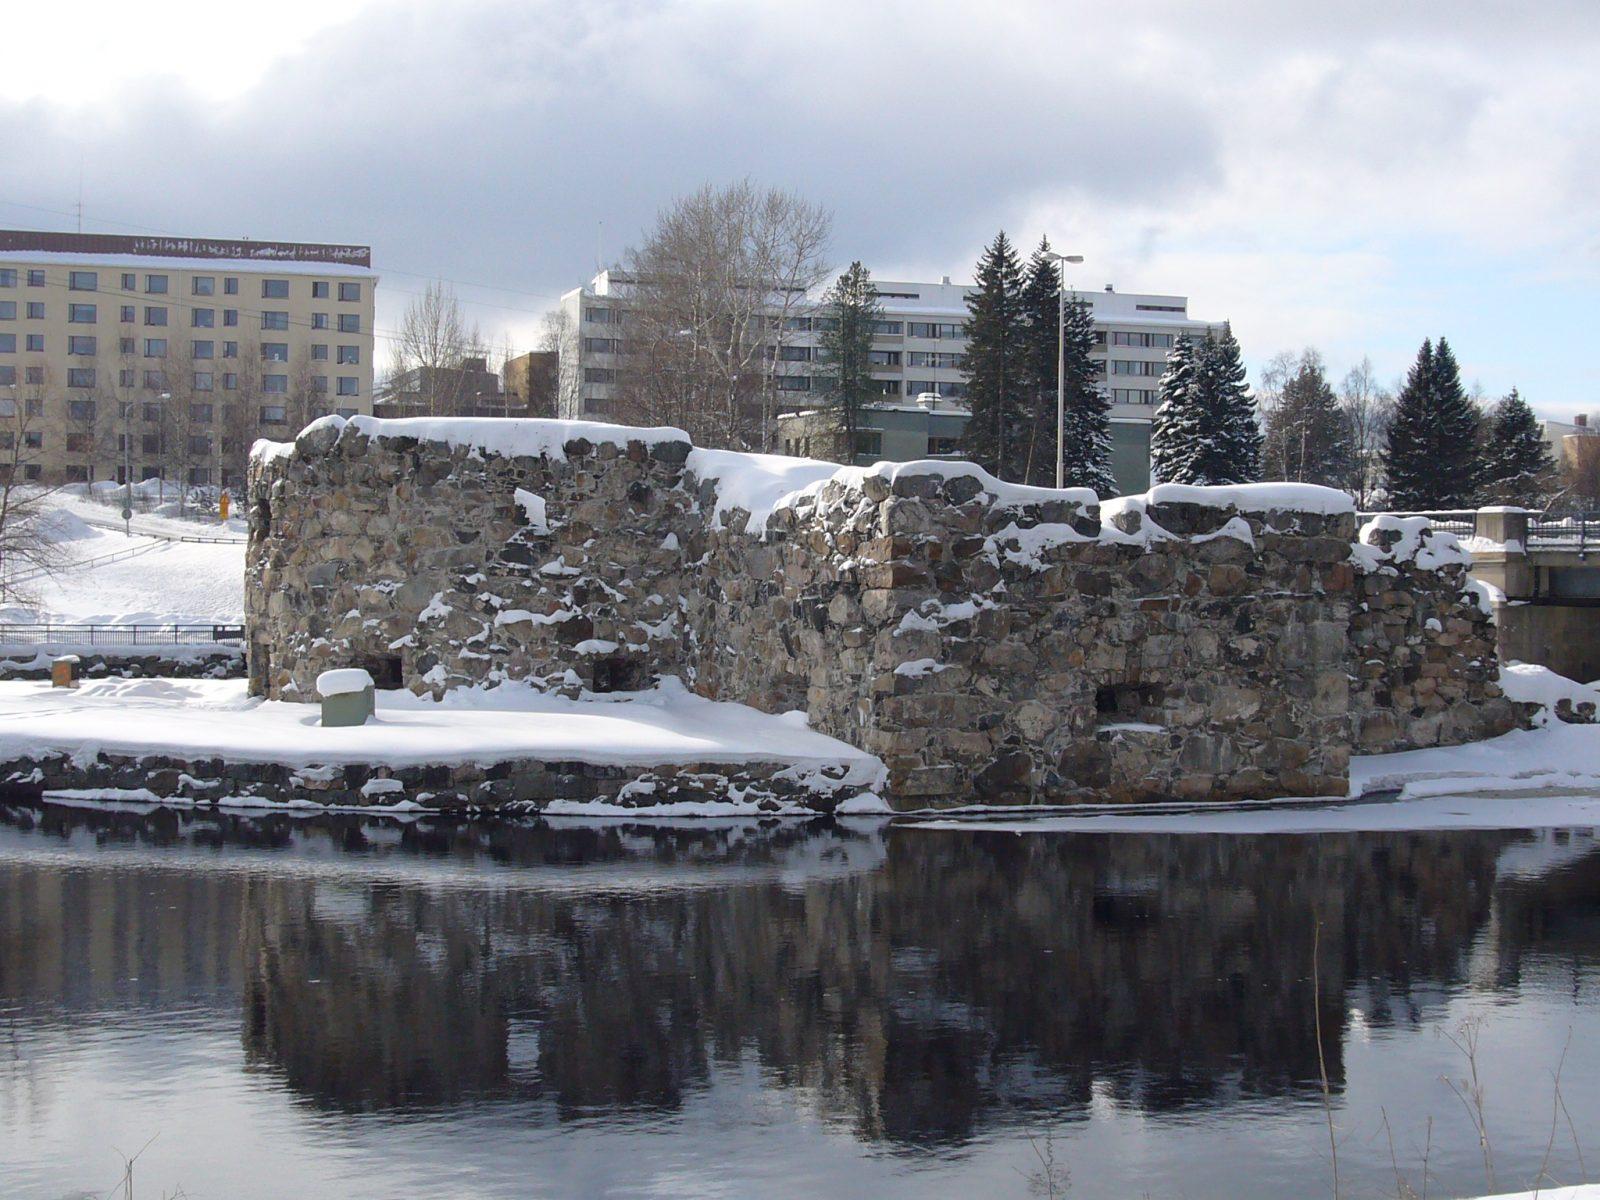 Kajaanin linna, Kajaani, Finland